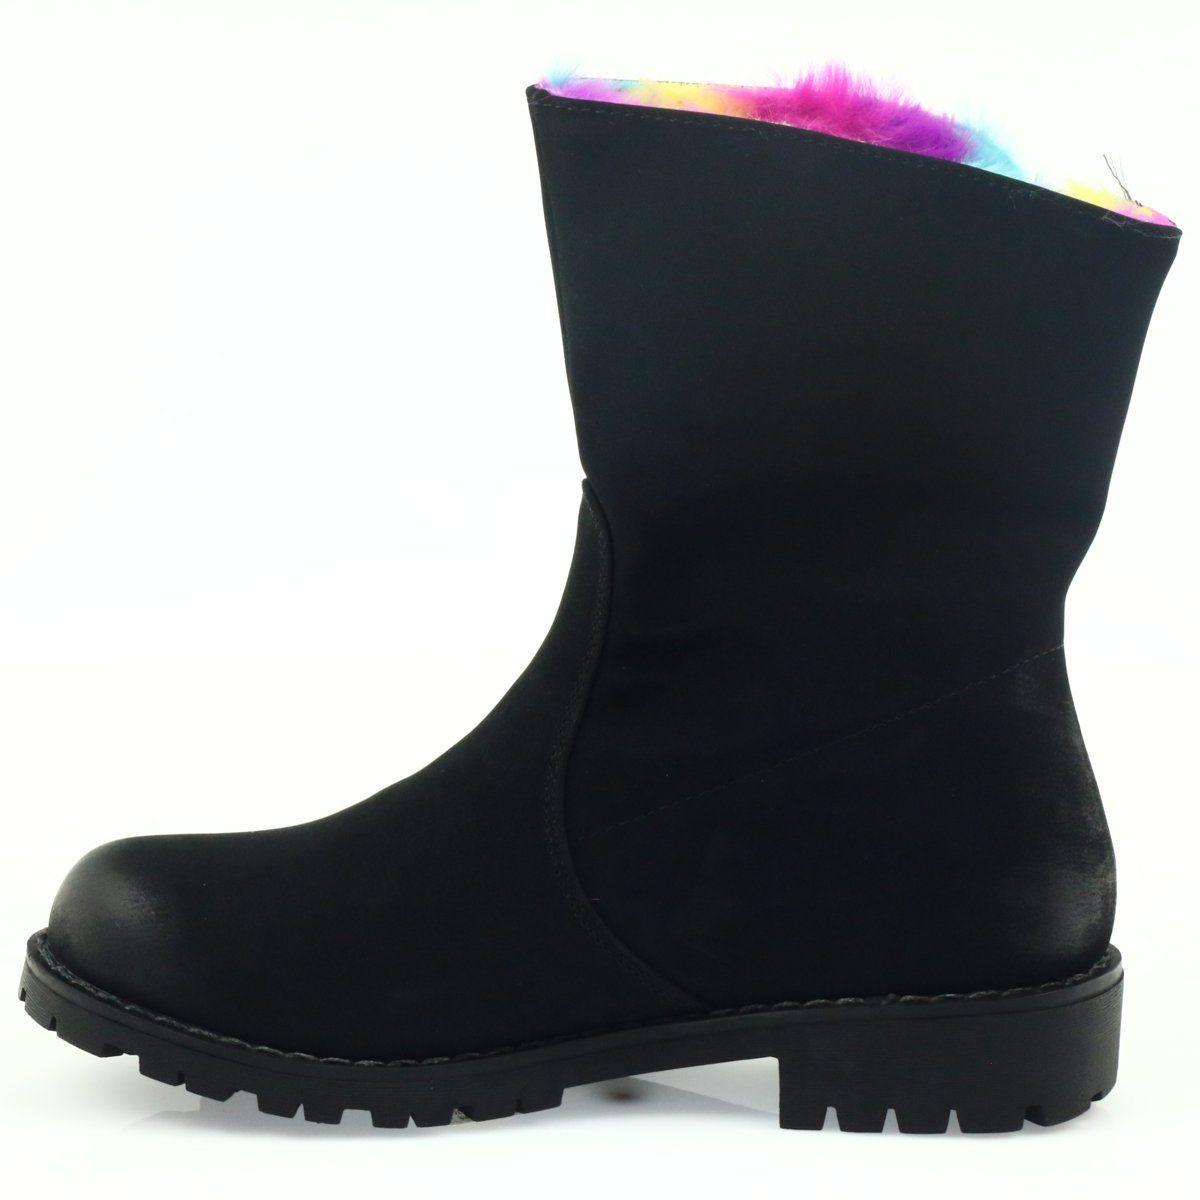 Sergio Leone Kozaczki Z Kolorowym Futrem Na Suwak Czarne Wielokolorowe Boots Chelsea Boots Rain Boots